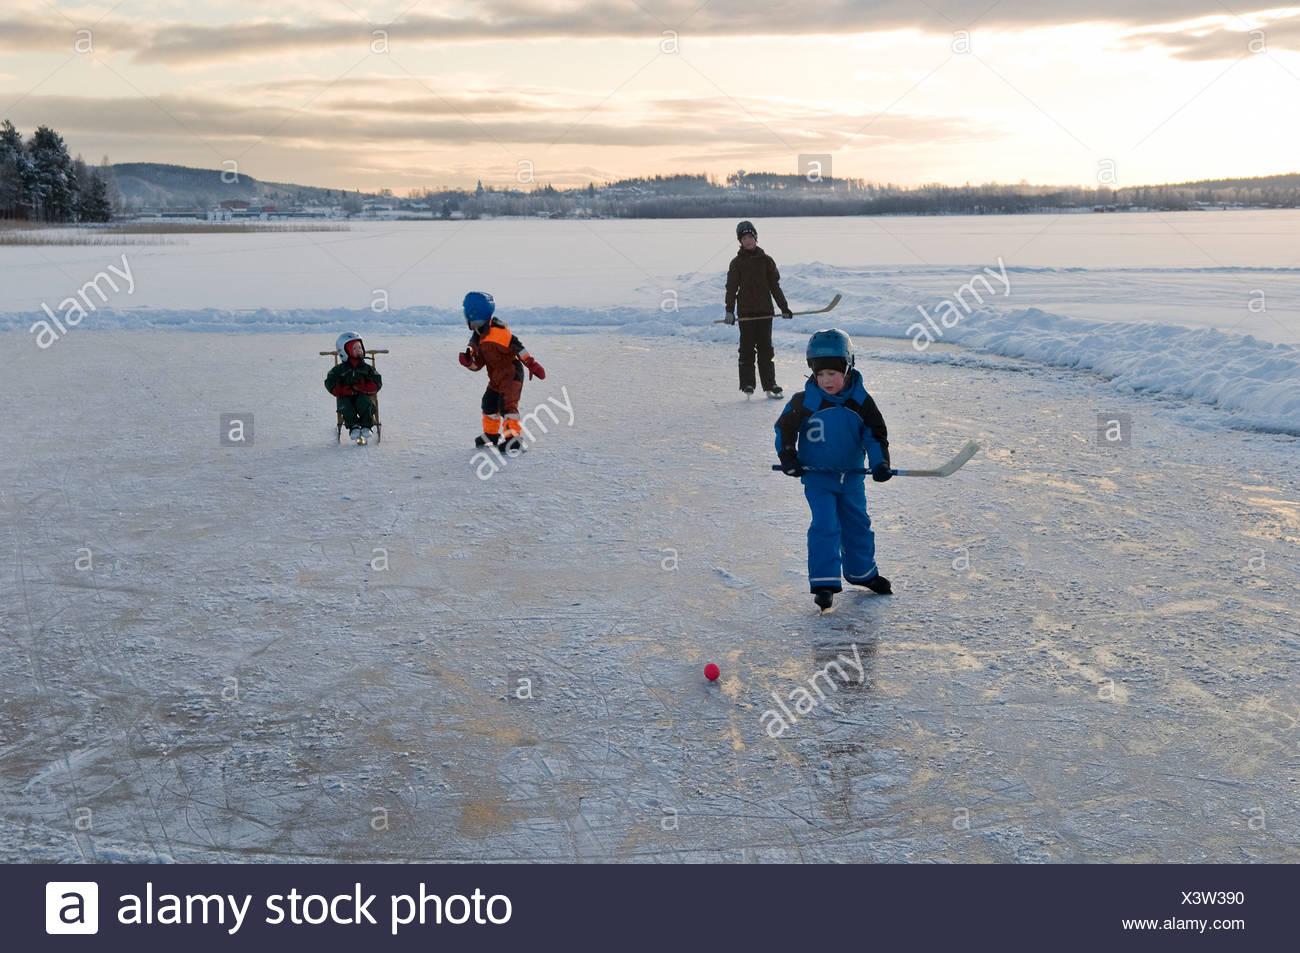 Niños jugando el hockey sobre hielo en el lago congelado Imagen De Stock